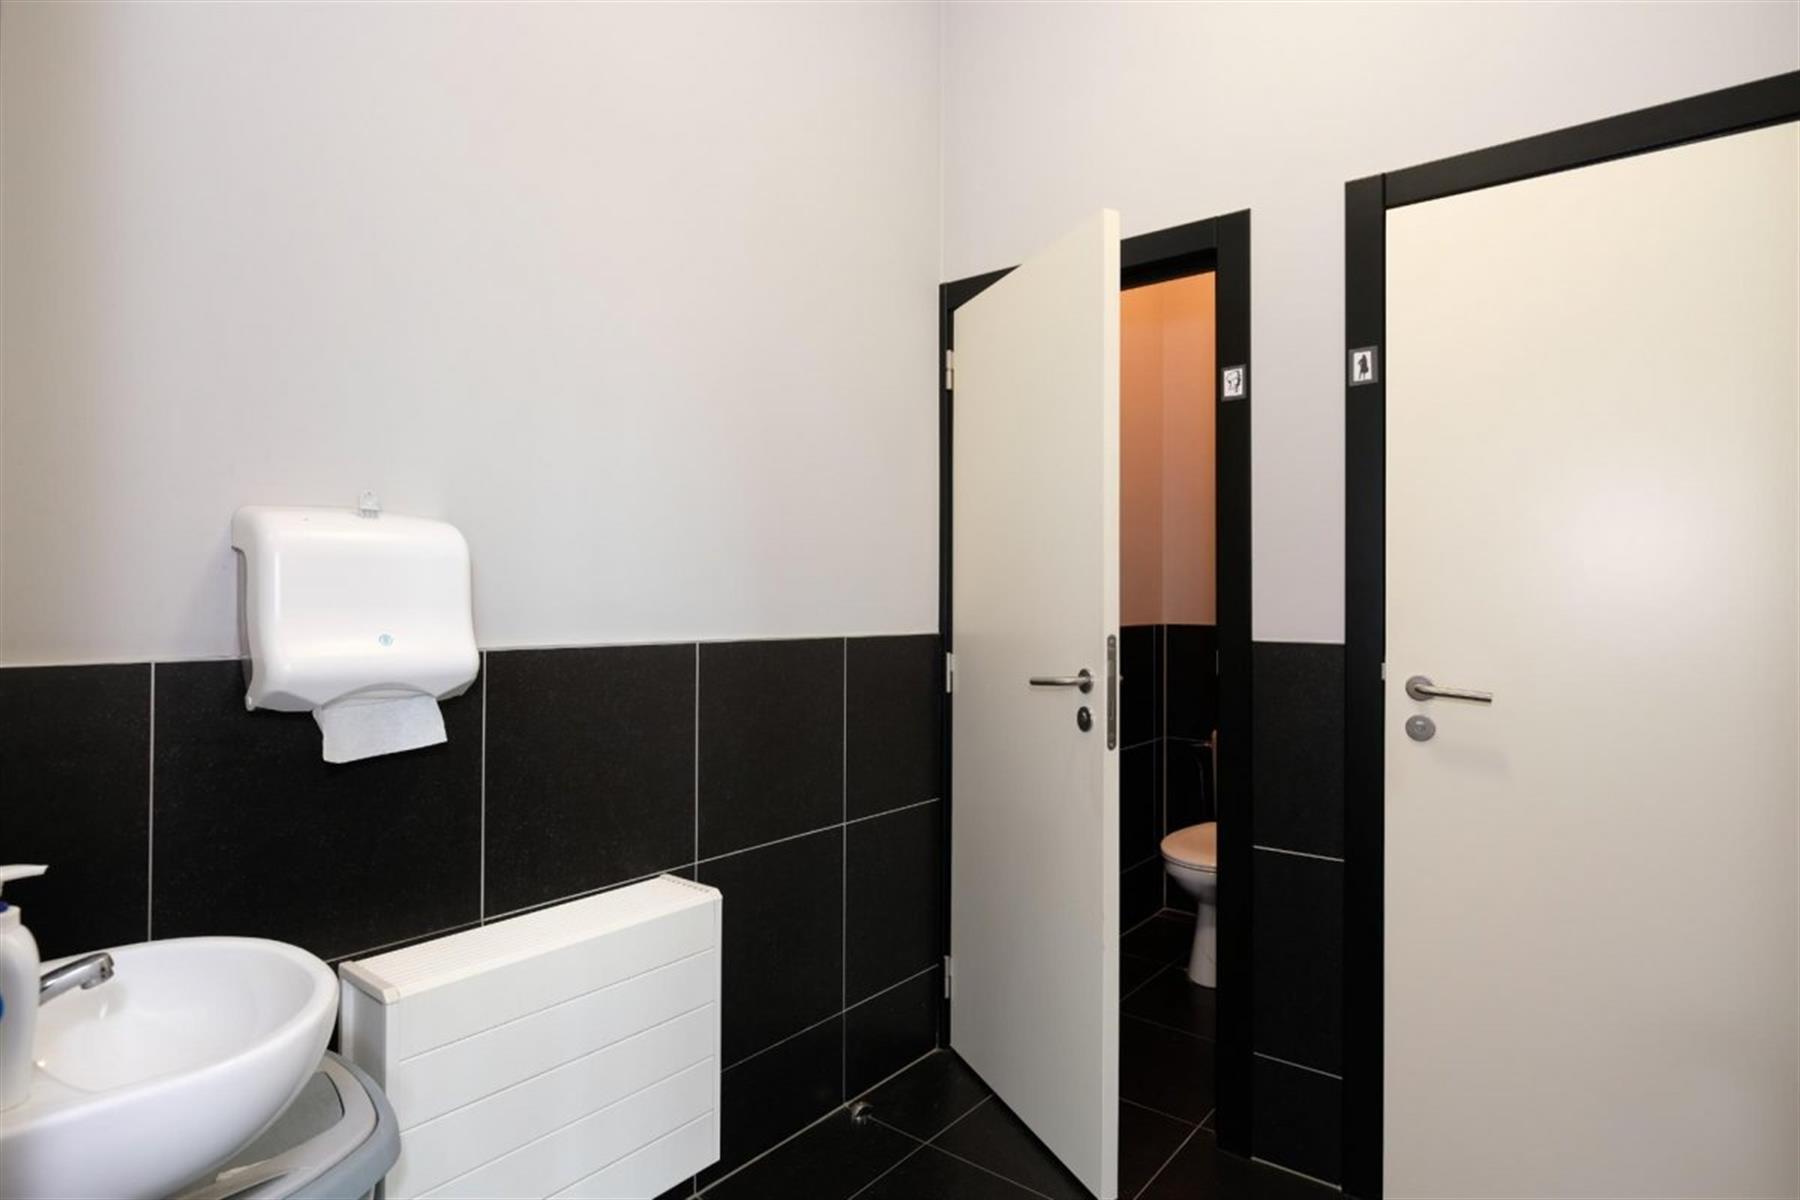 bedrijfsgebouw te koop I122 - Bedrijfsgebouw - Centrum-Zuid 3023 2, 3530 Houthalen-Helchteren, België 11